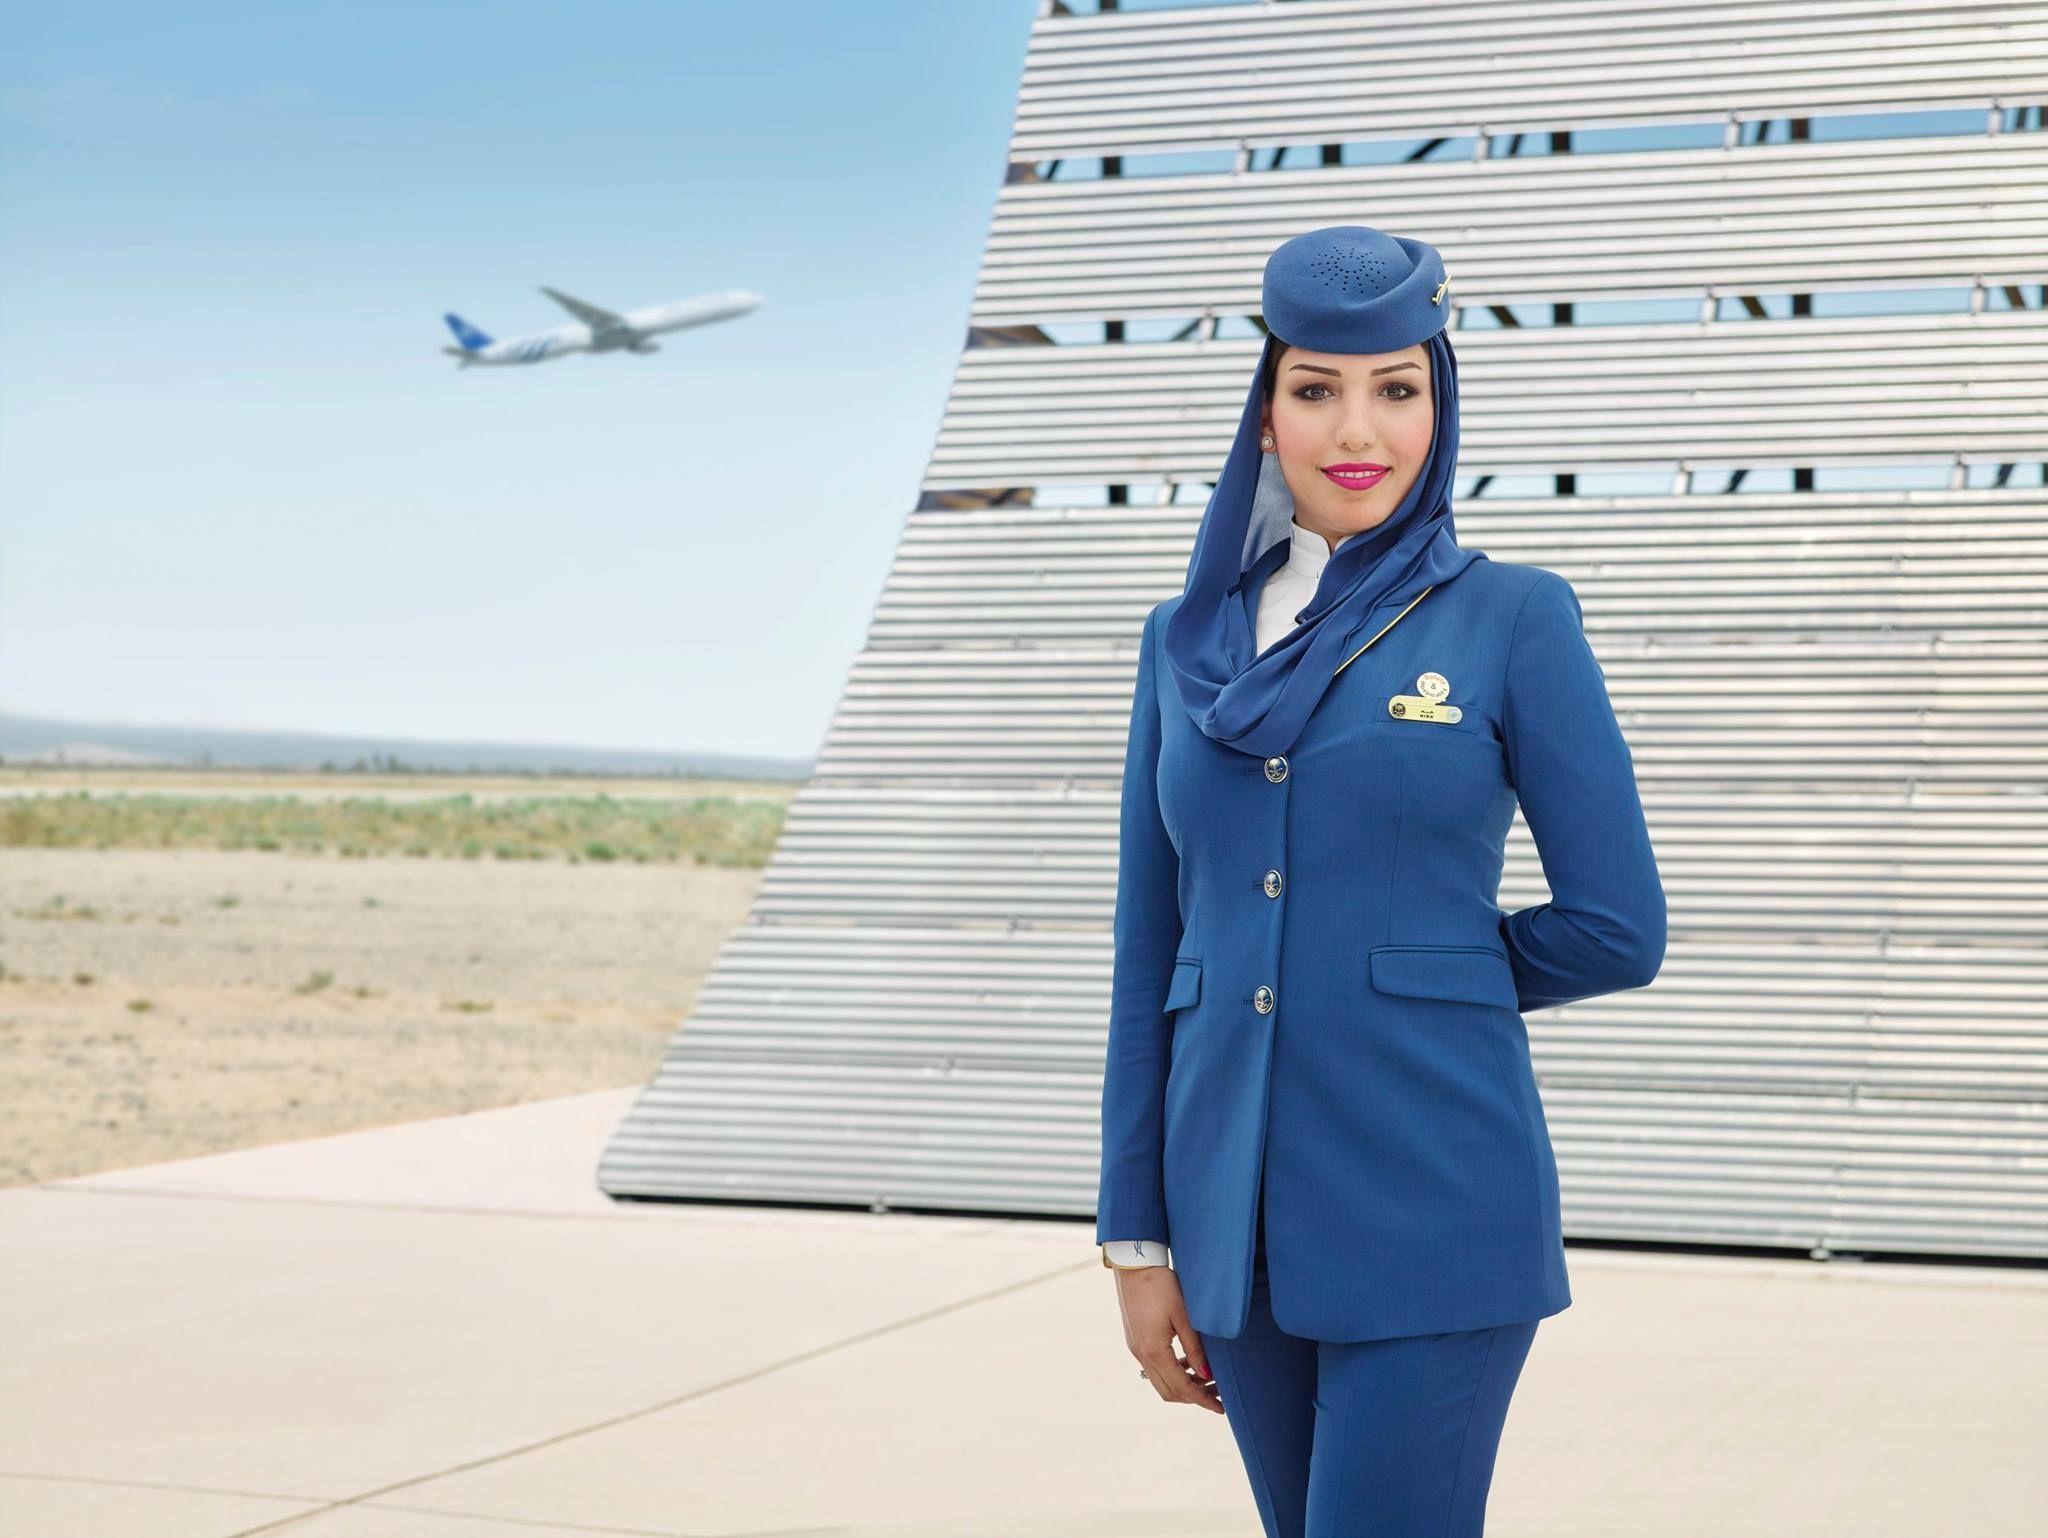 Стюардессы саудовской аравии фото